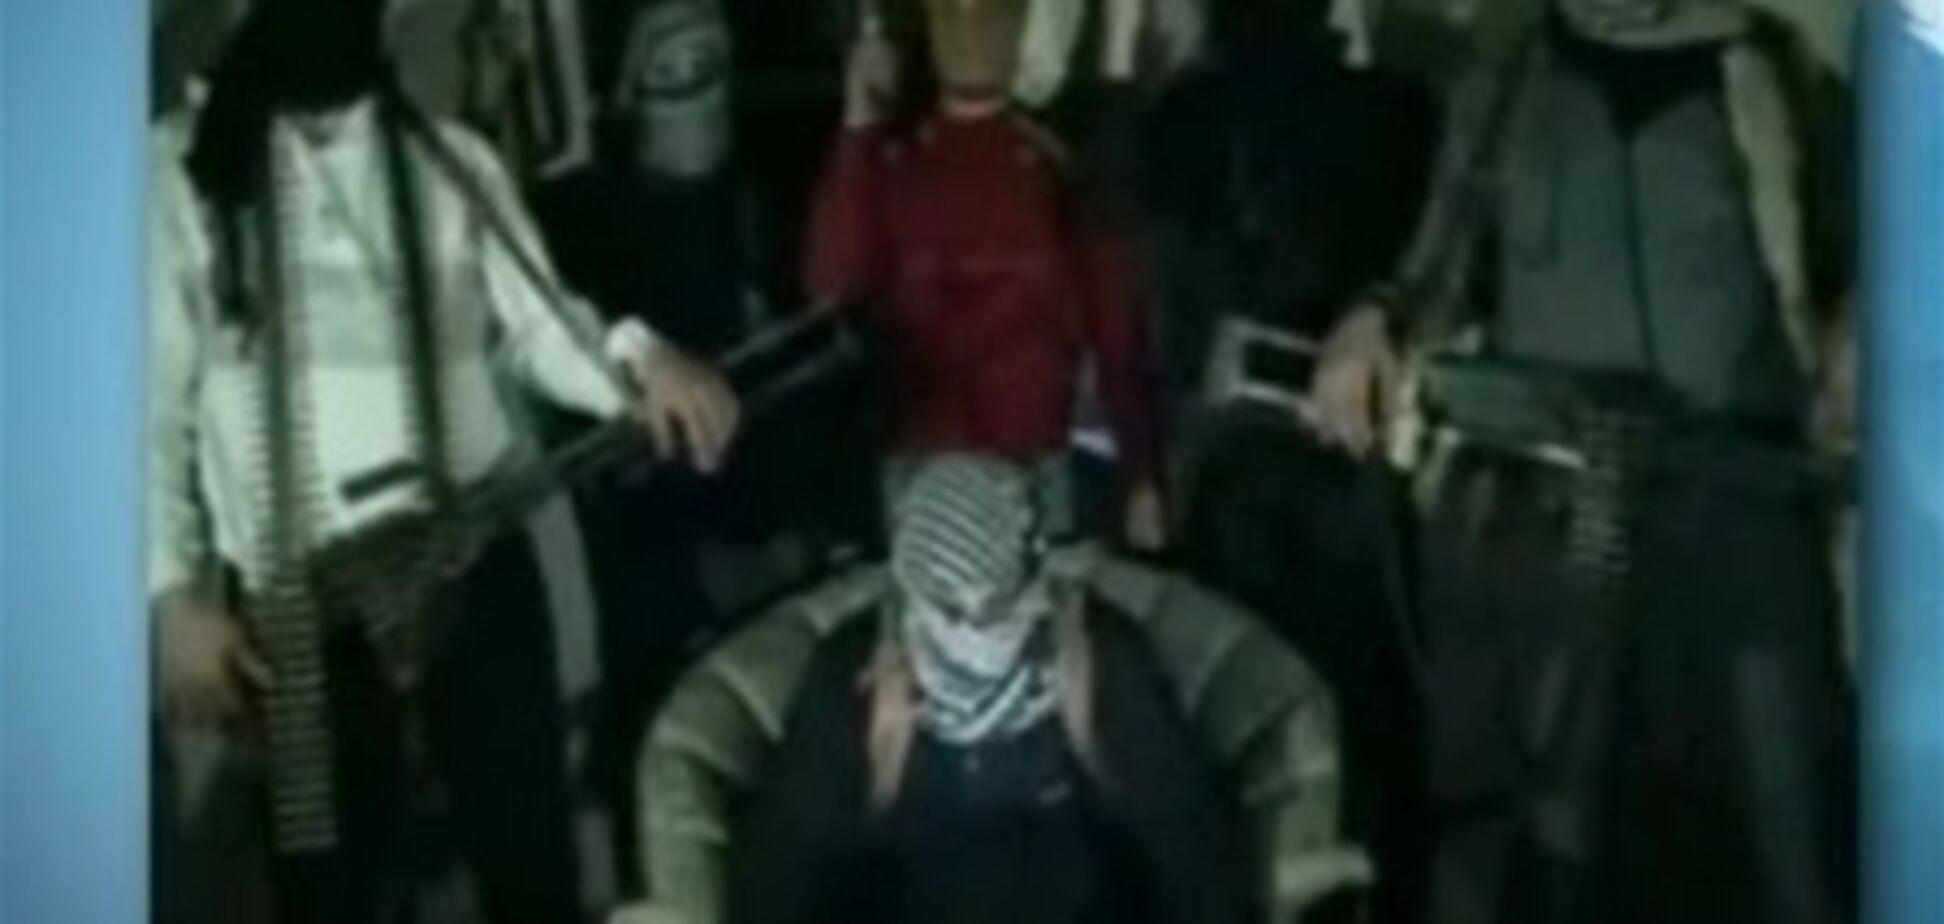 Сирийские боевики обещают не выпускать украинцев живыми из Сирии